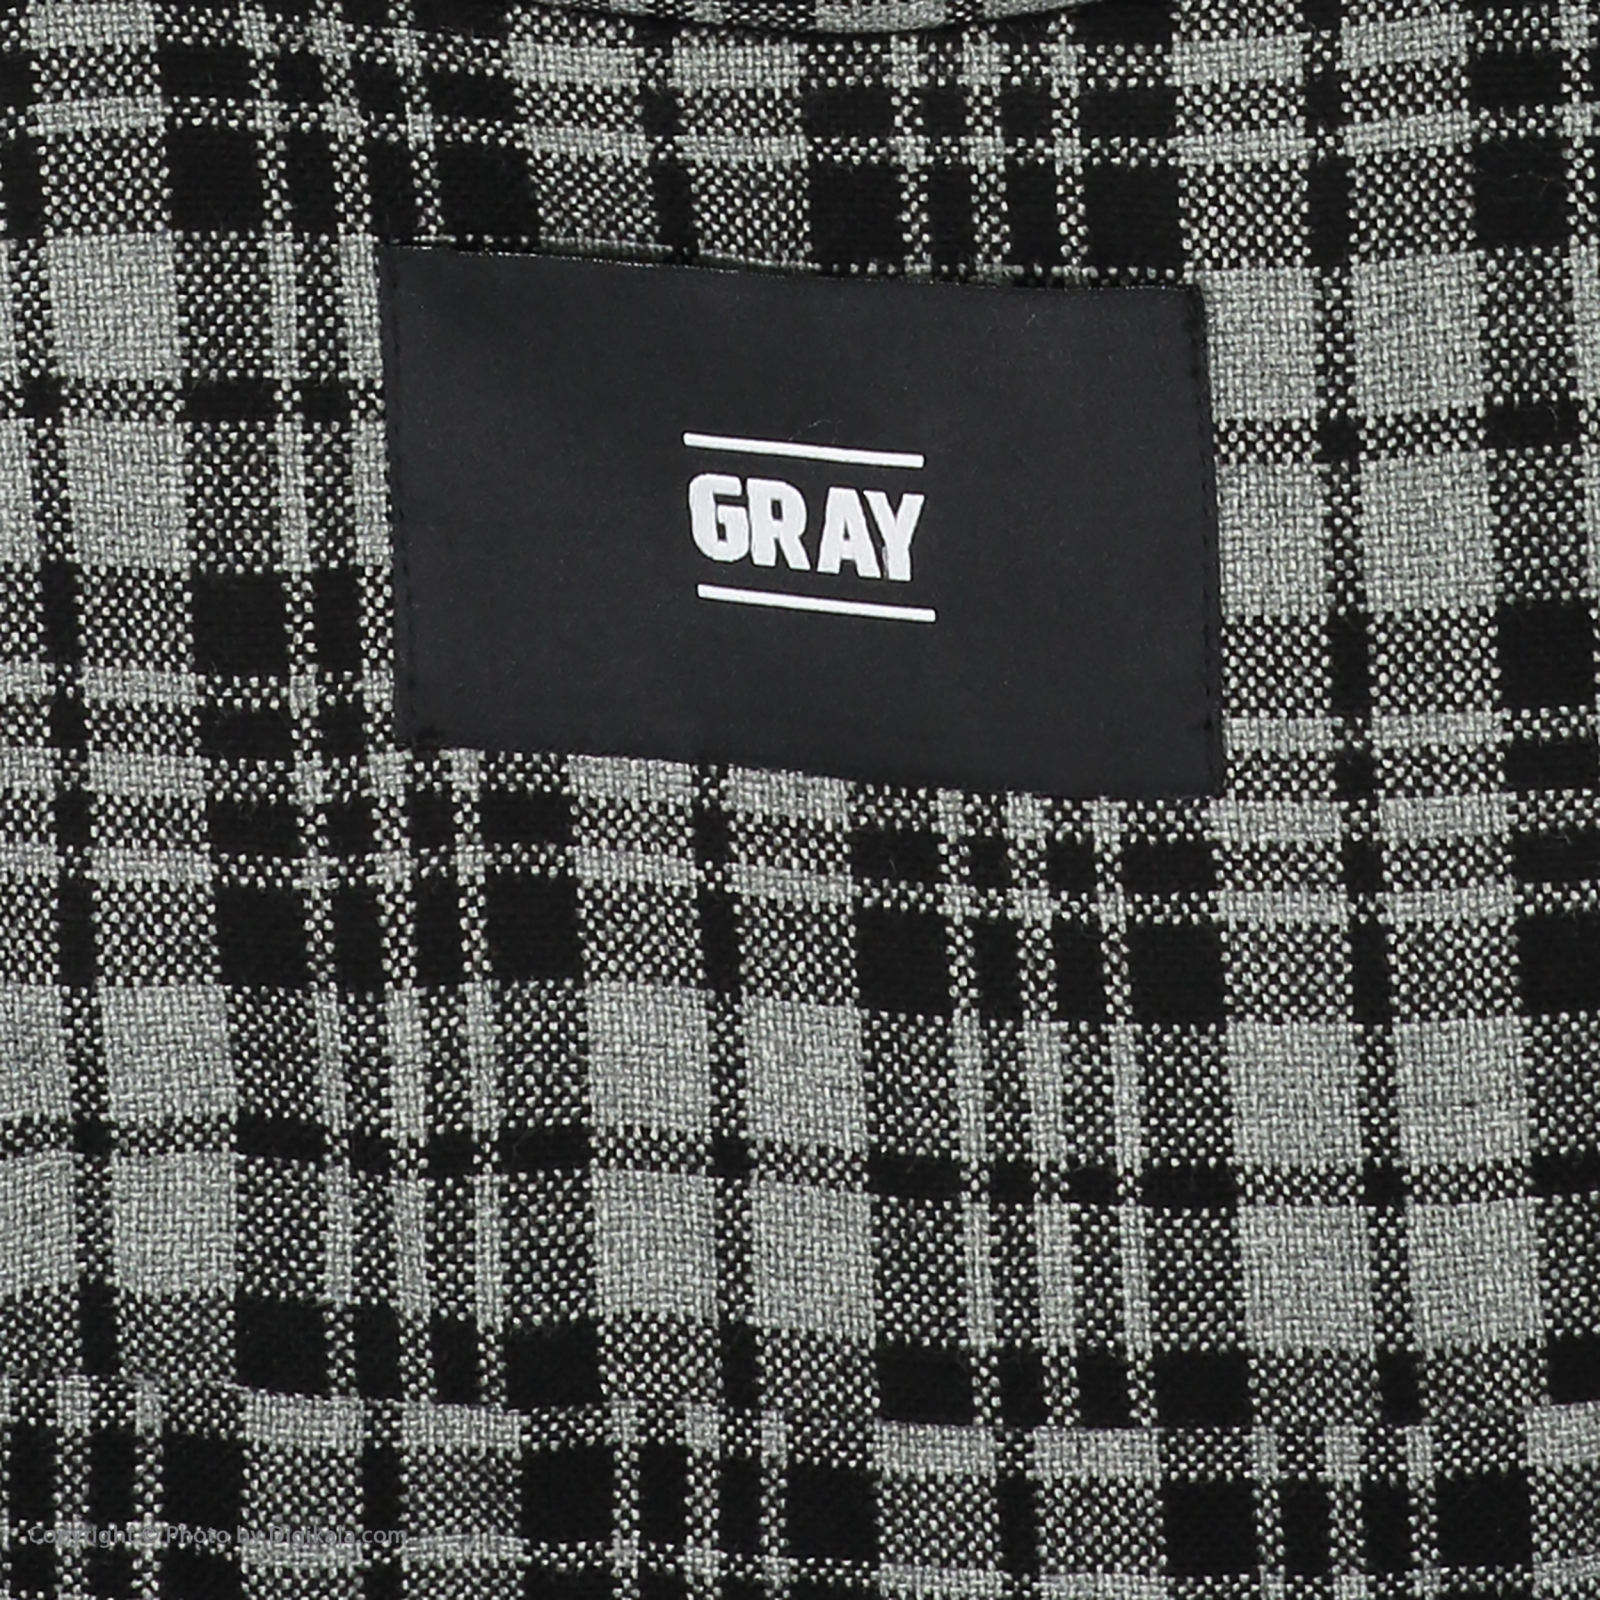 پیراهن مردانه گری مدل GW19 -  - 6